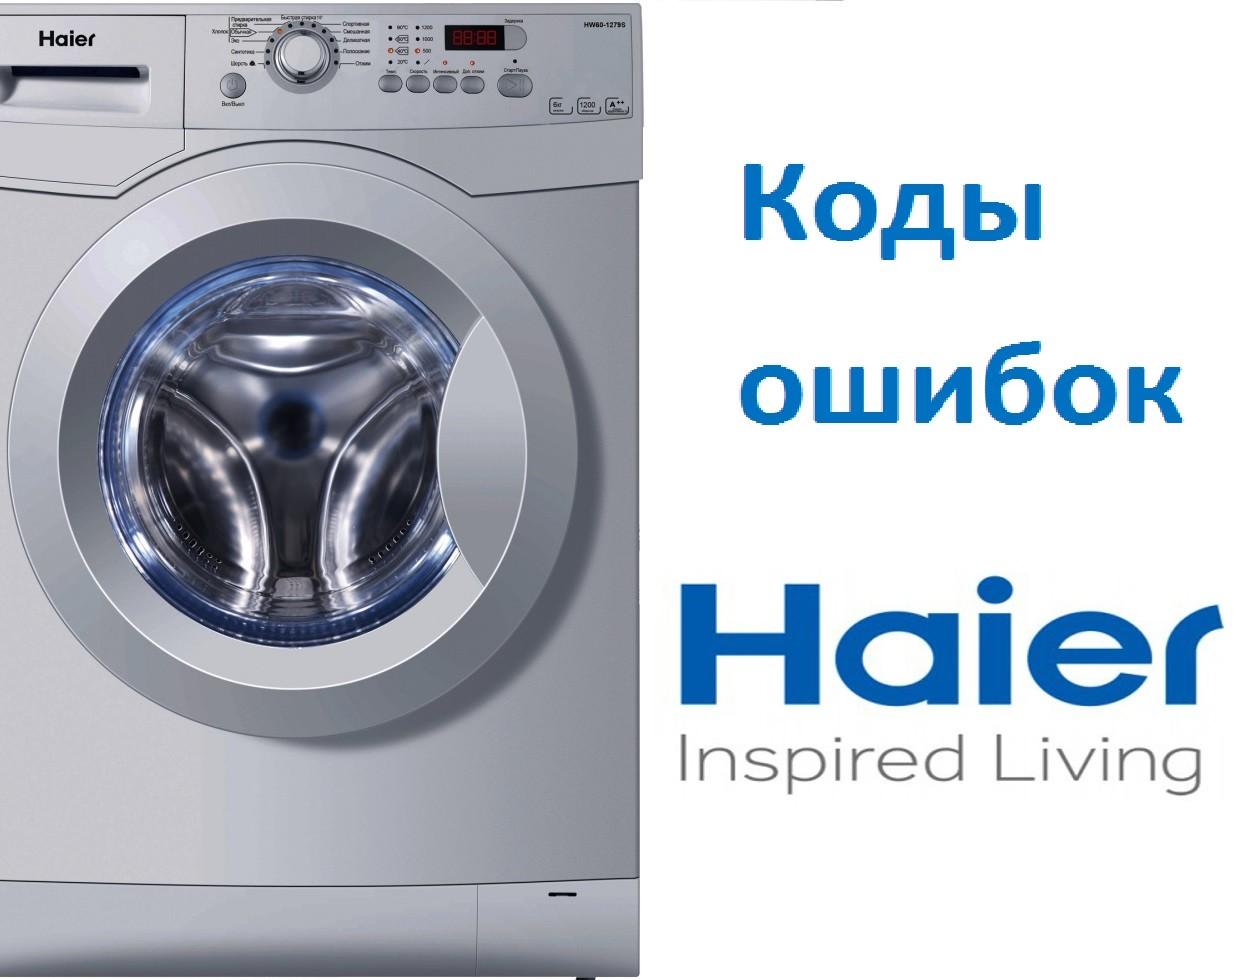 קודי שגיאה של מכונת כביסה Haier